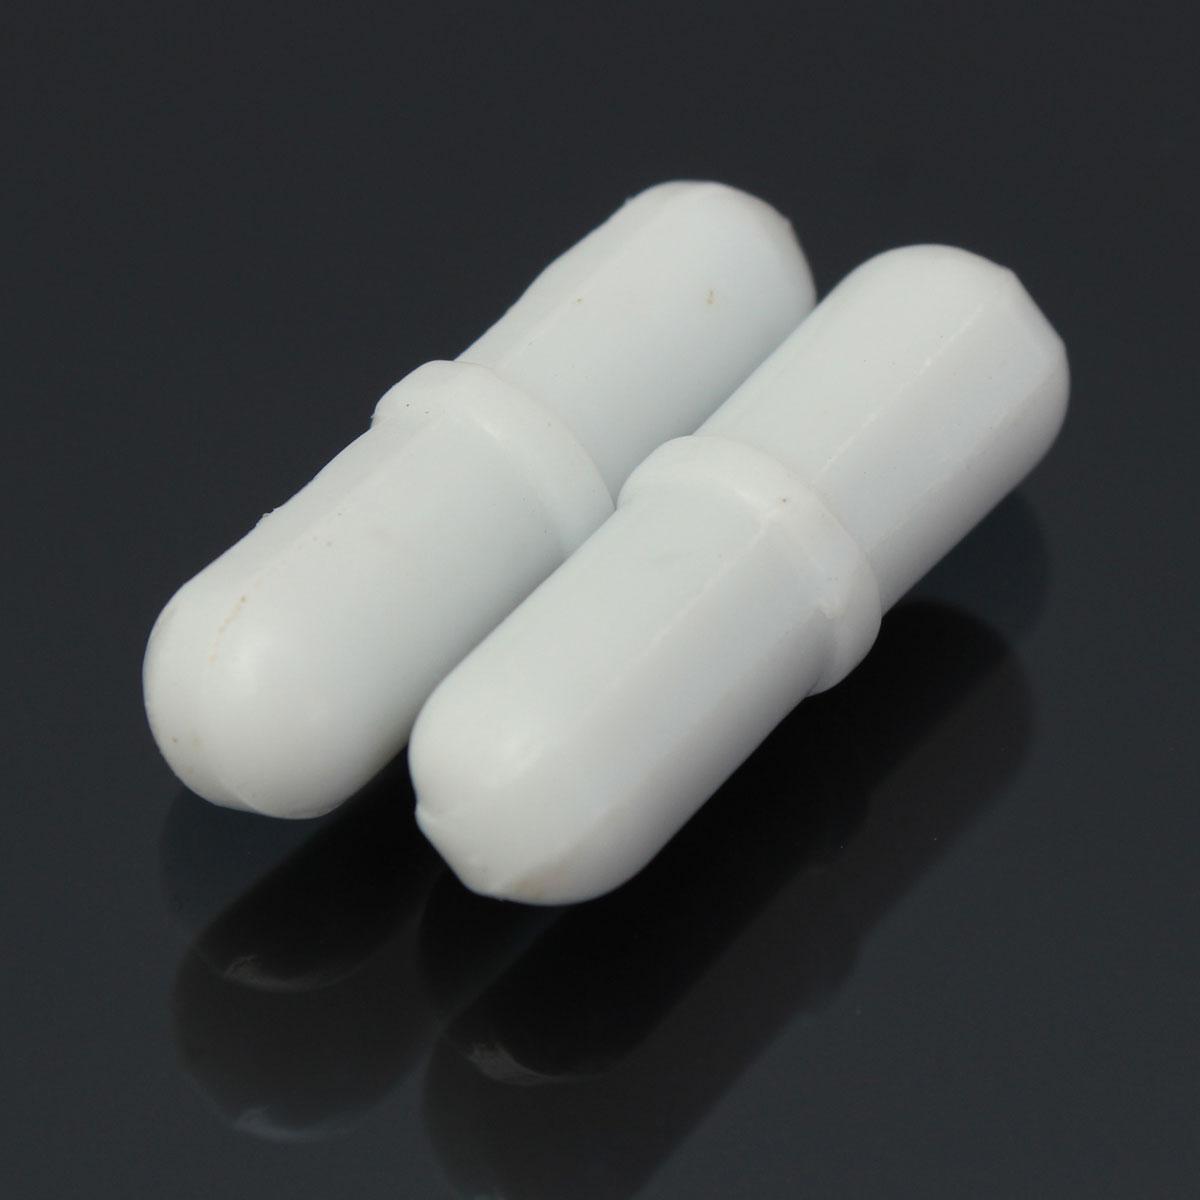 2шт b25 тефлон магнитная мешалка Смеситель мешалкой стержень шарик с кольцом поворота - ➊TopShop ➠ Товары из Китая с бесплатной доставкой в Украину! в Днепре